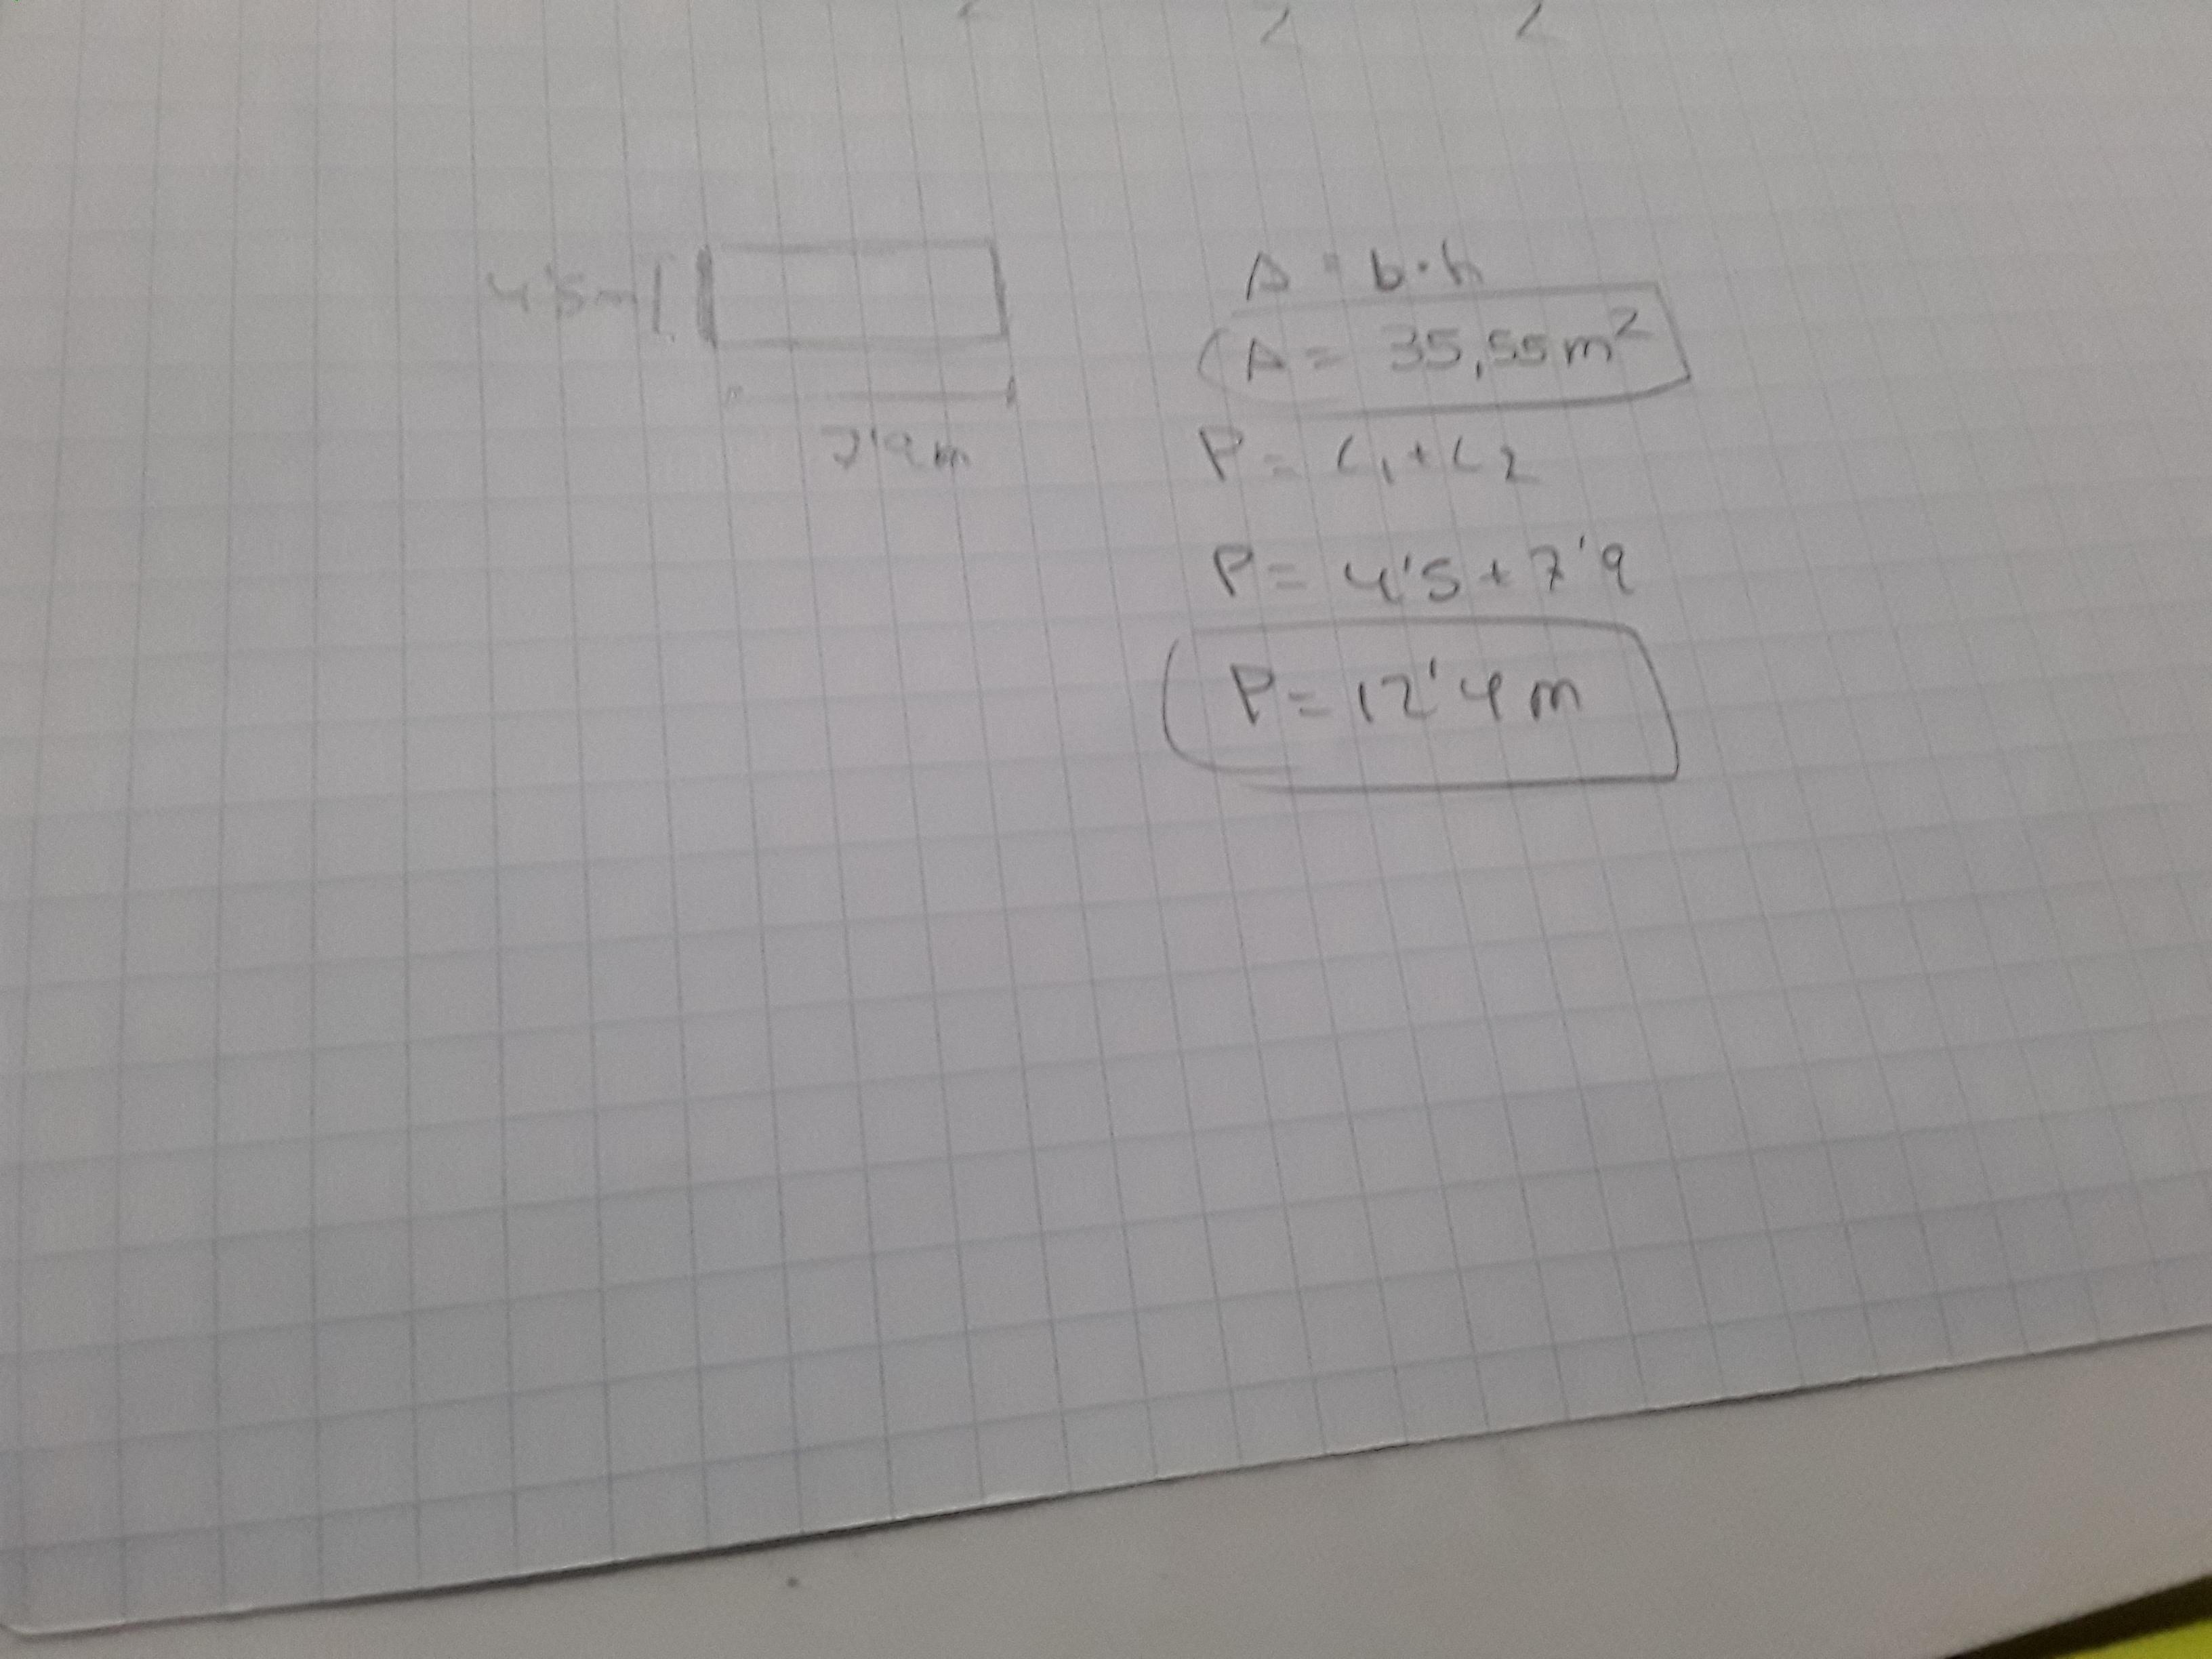 ����y.'9�-9�m��_Hallaelperímetroyeláreadeunrectángulocuyosladosmiden4,5my7,9m